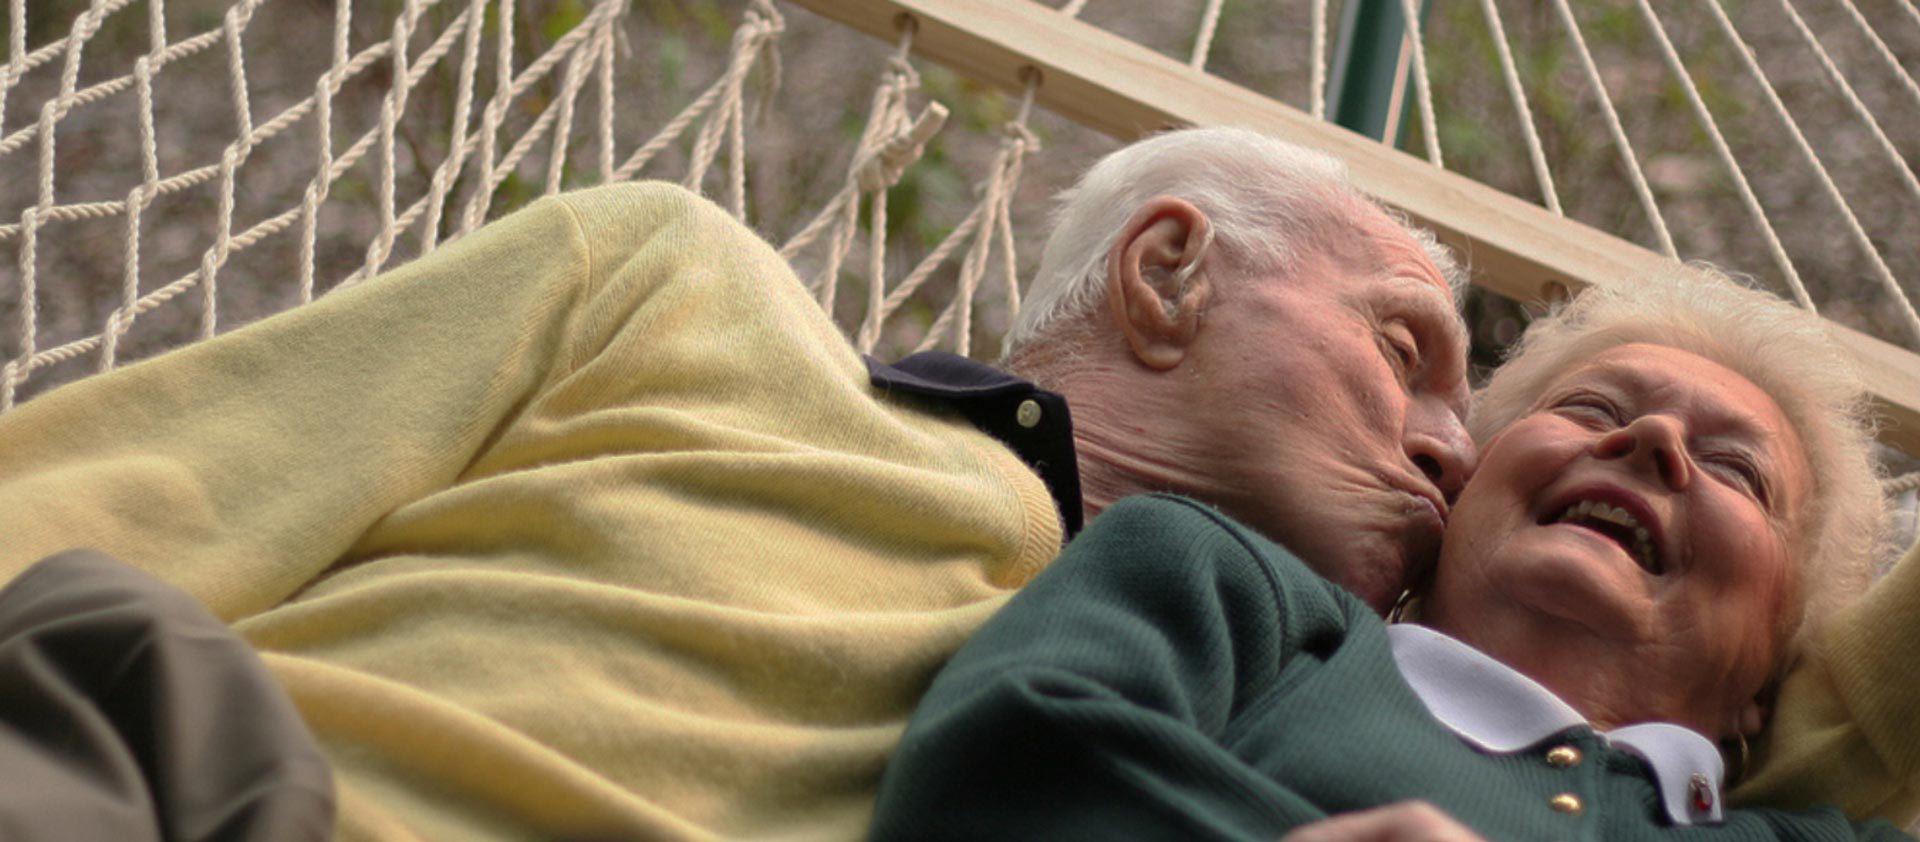 Conforto e saúde na melhor idade